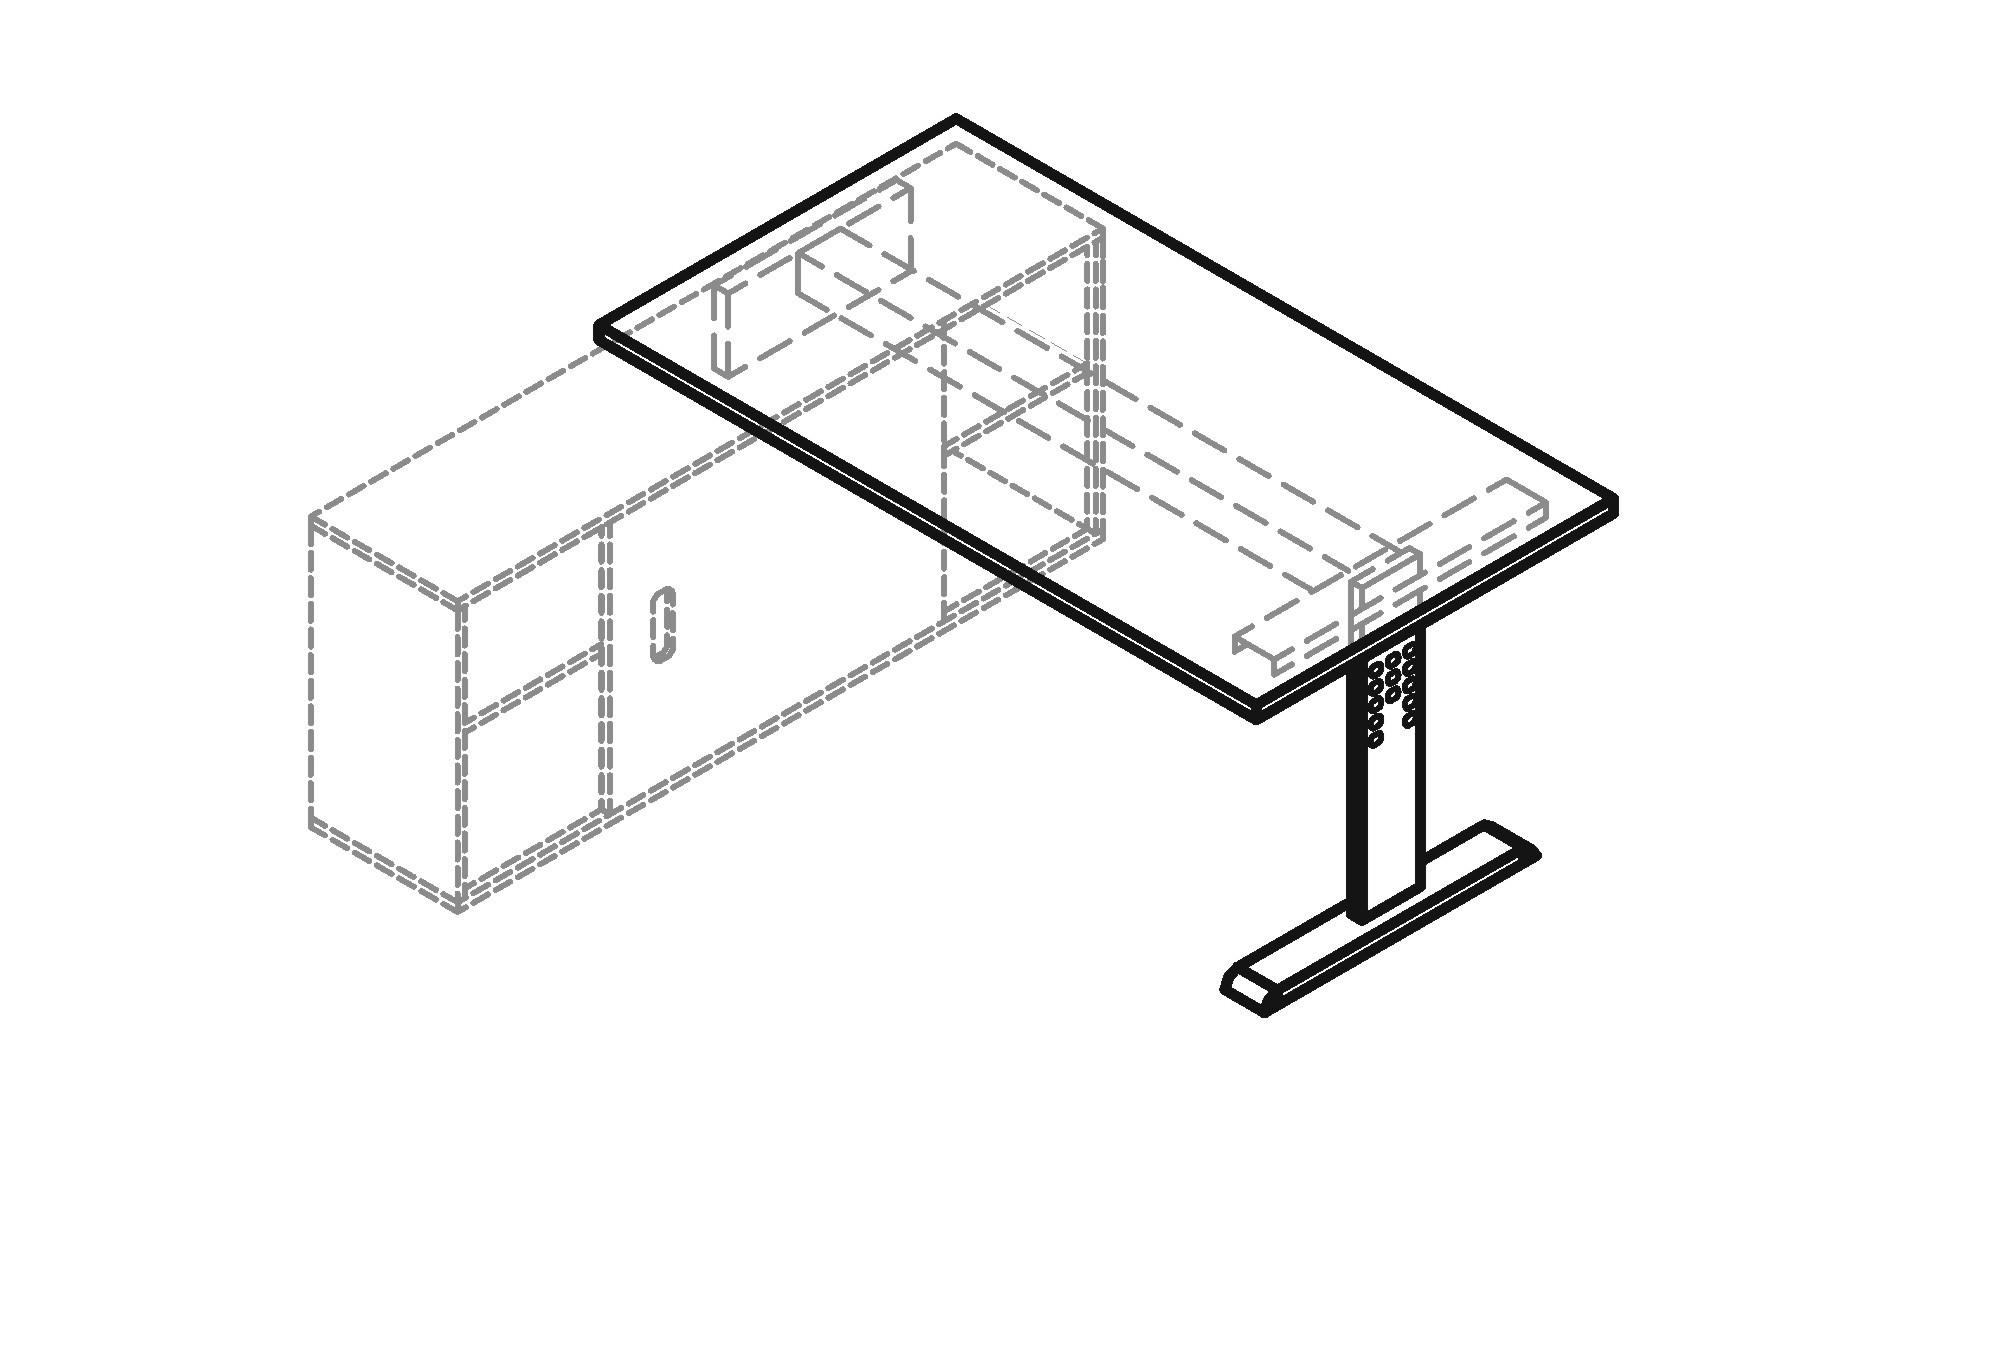 Schreibtisch o serie mit sideboard 1758 art office shop for Sideboard zeichnung